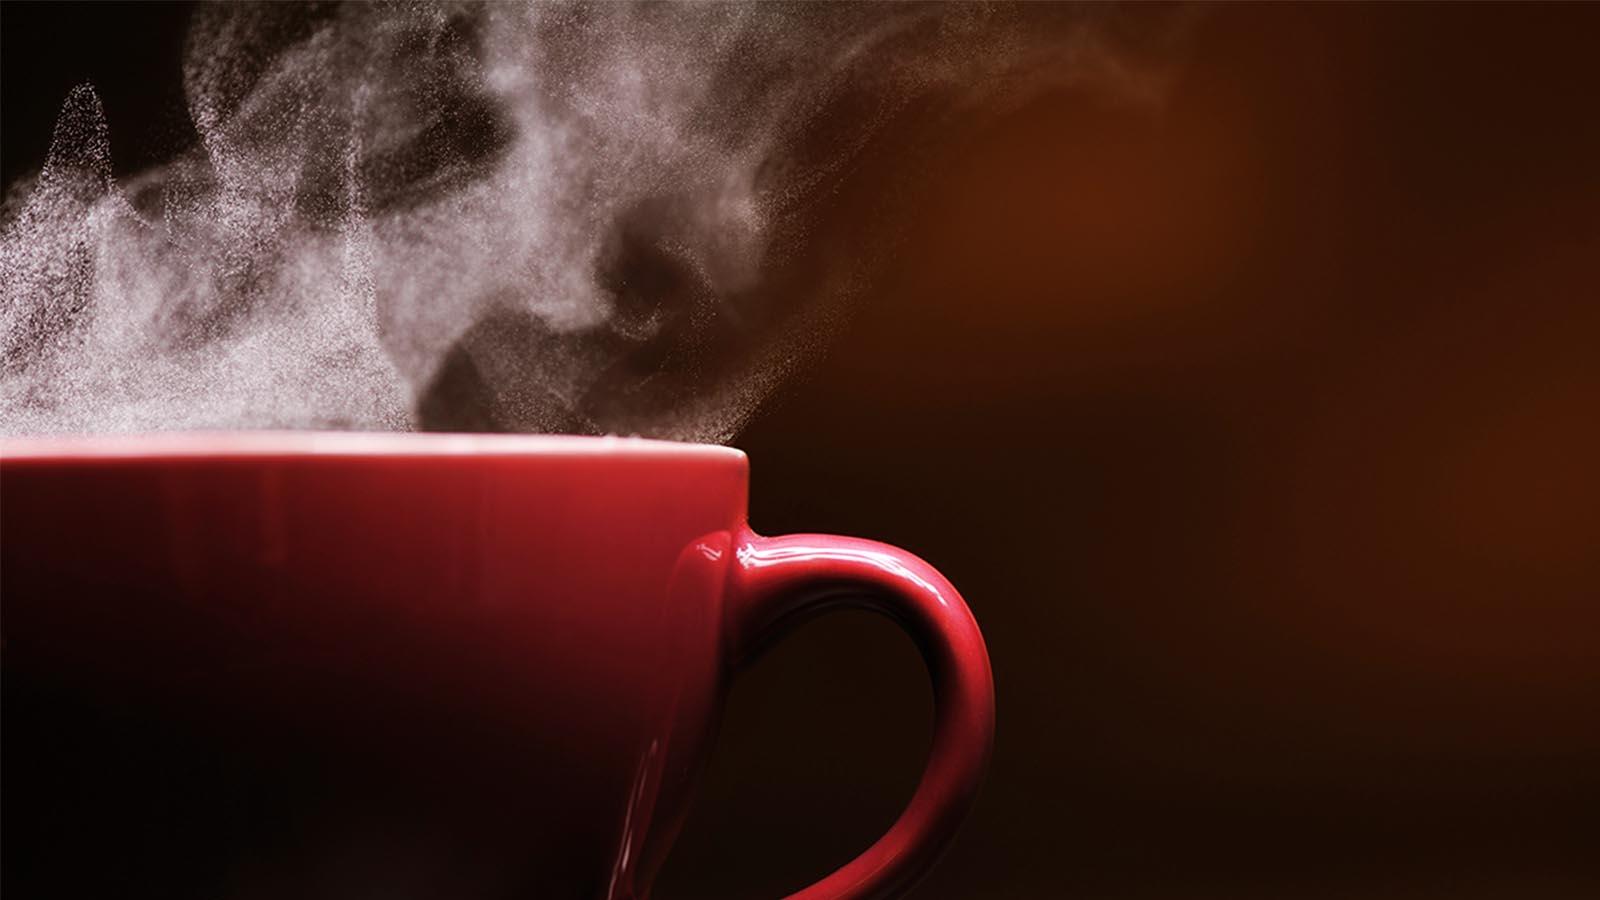 قهوه انسان عاقل